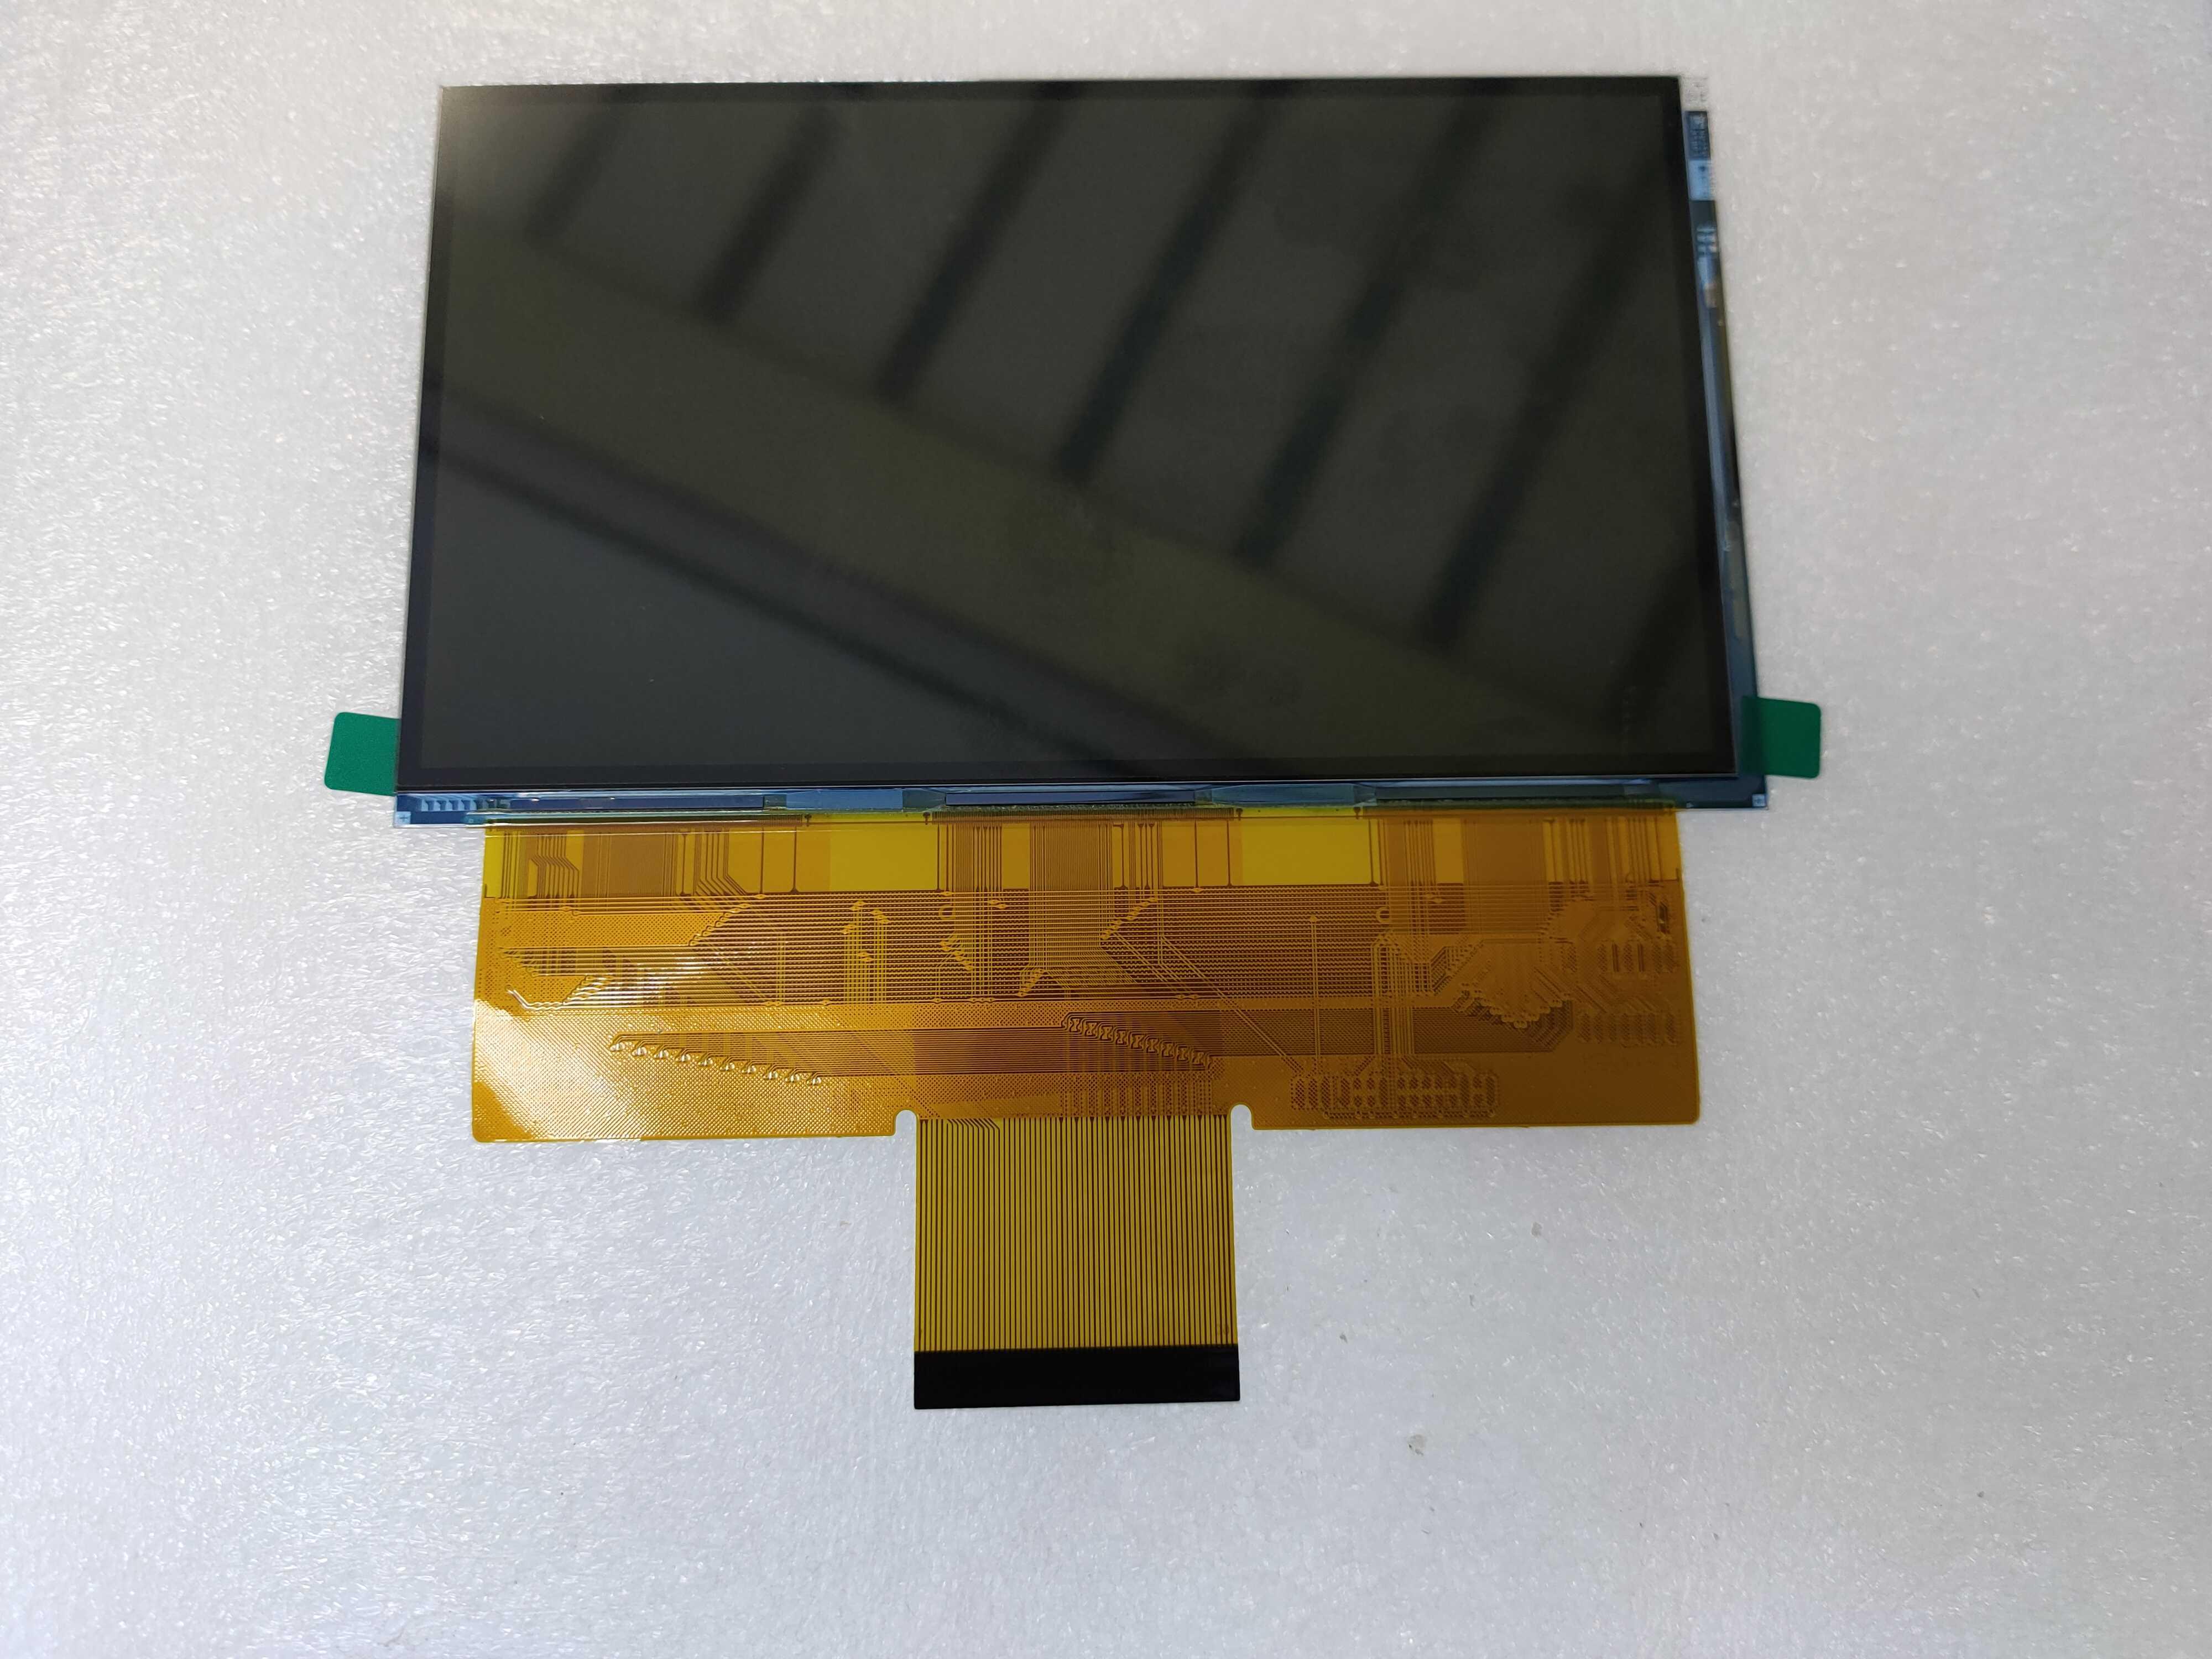 شاشة ال سي دي صغيرة جديدة مقاس 5.8 بوصة A + LCD PJ058S1 PJ058S1V1 PJ058S1V PJ058S1 V4 LED لجهاز عرض vivibright Fullhd f30 blitzwolf Vp2 LCD